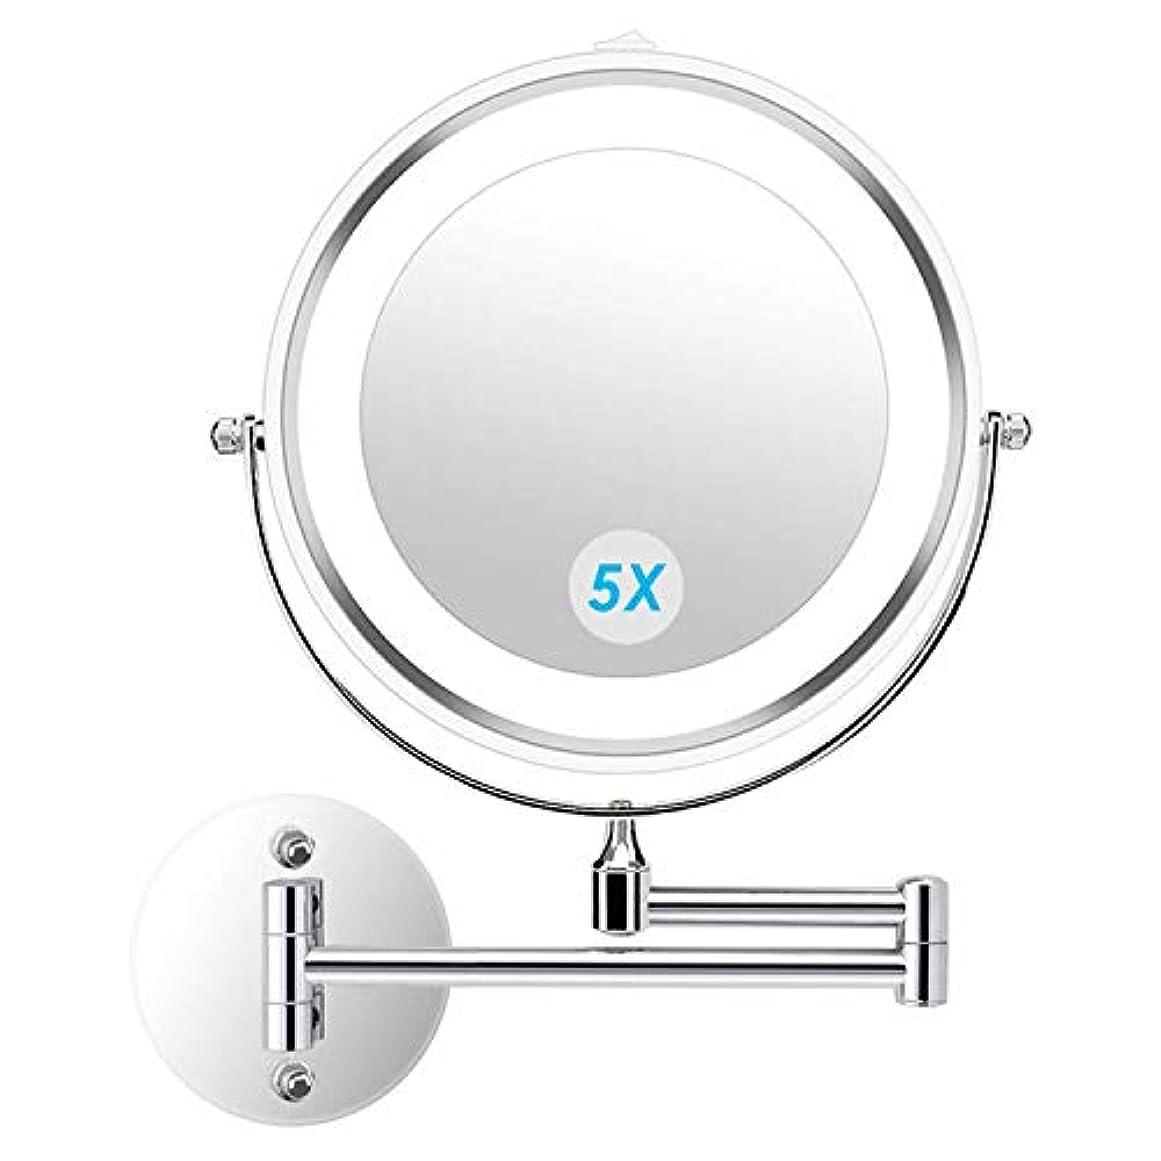 やりがいのある安全セイはさておきalvorog 壁掛け化粧鏡 4個 電池で駆動バスルームホテル用照明付き両面5倍 倍率360度 スイベル延長化粧化粧鏡を導きました 7